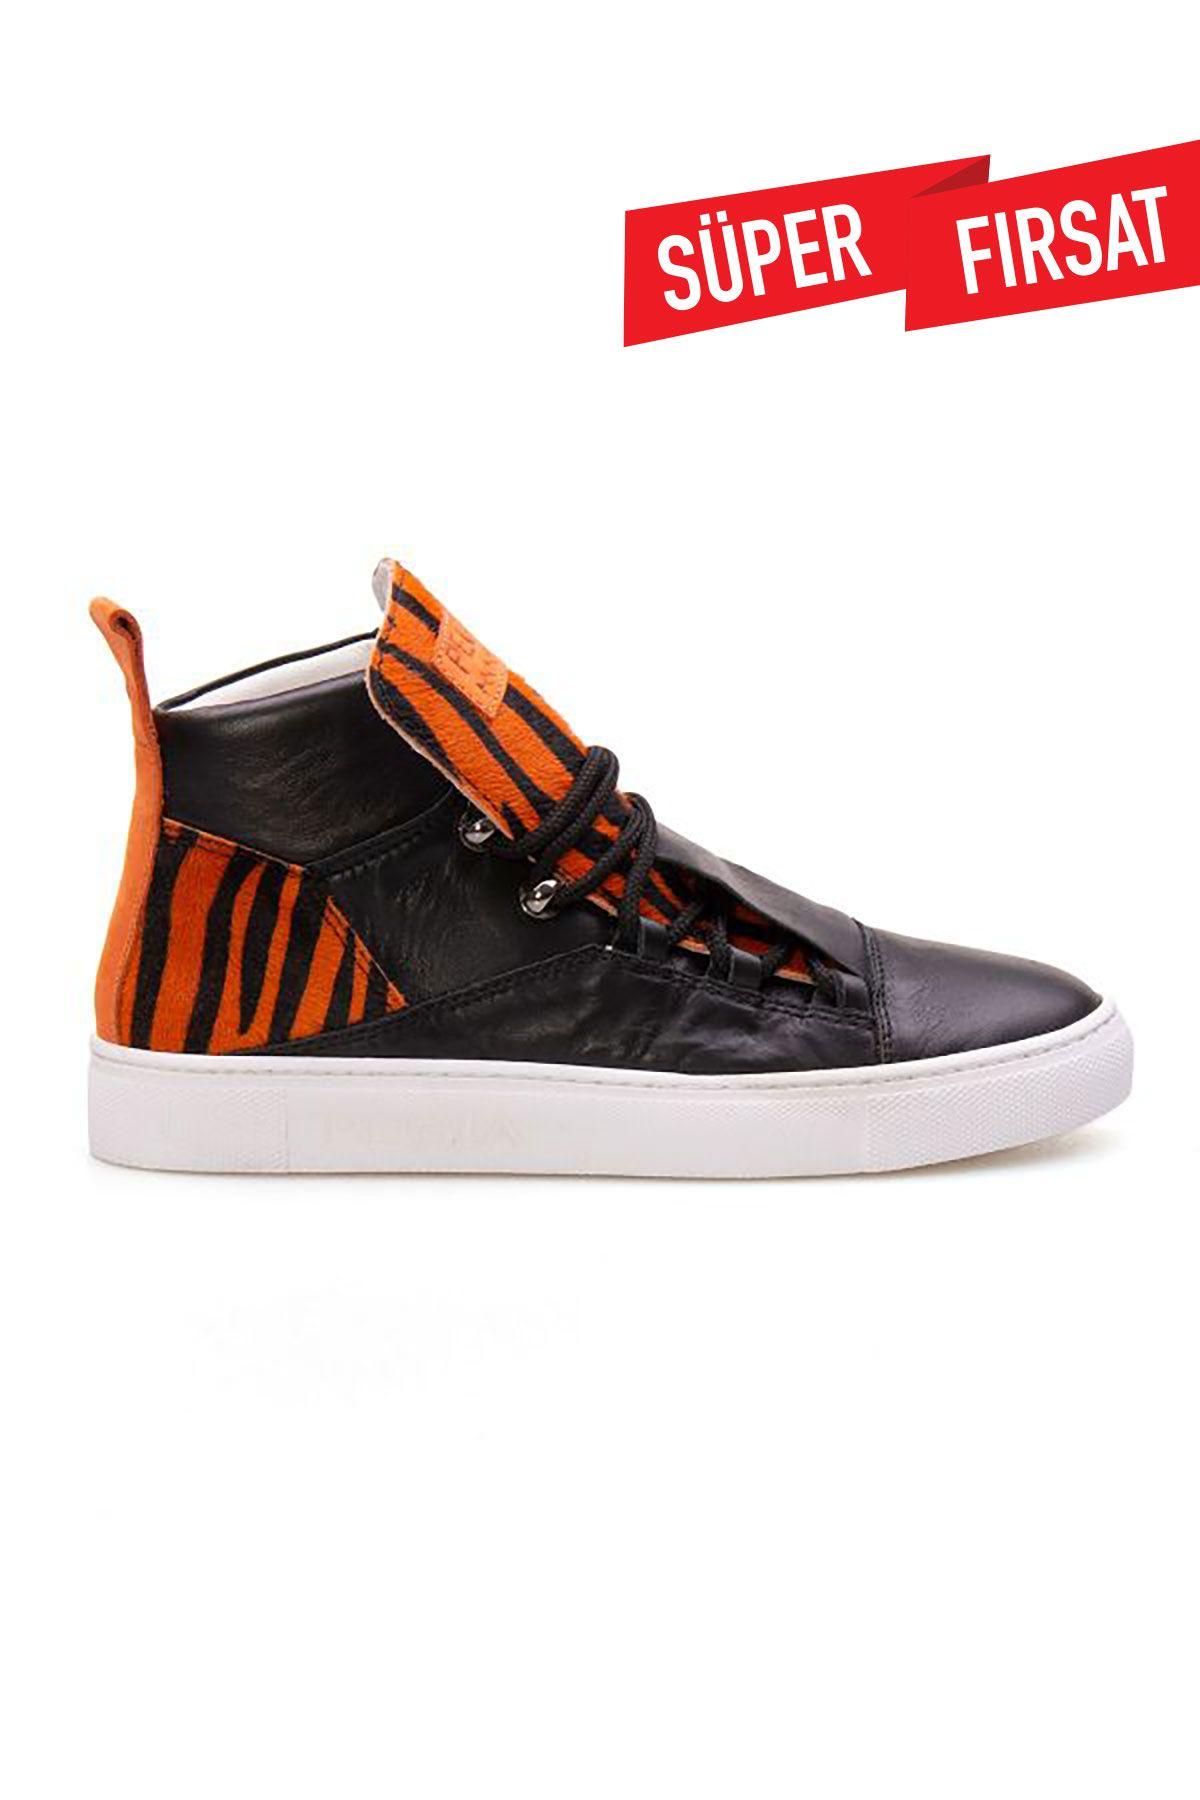 Pegia Genuine Leather Women's Sneaker LA1305 Orange